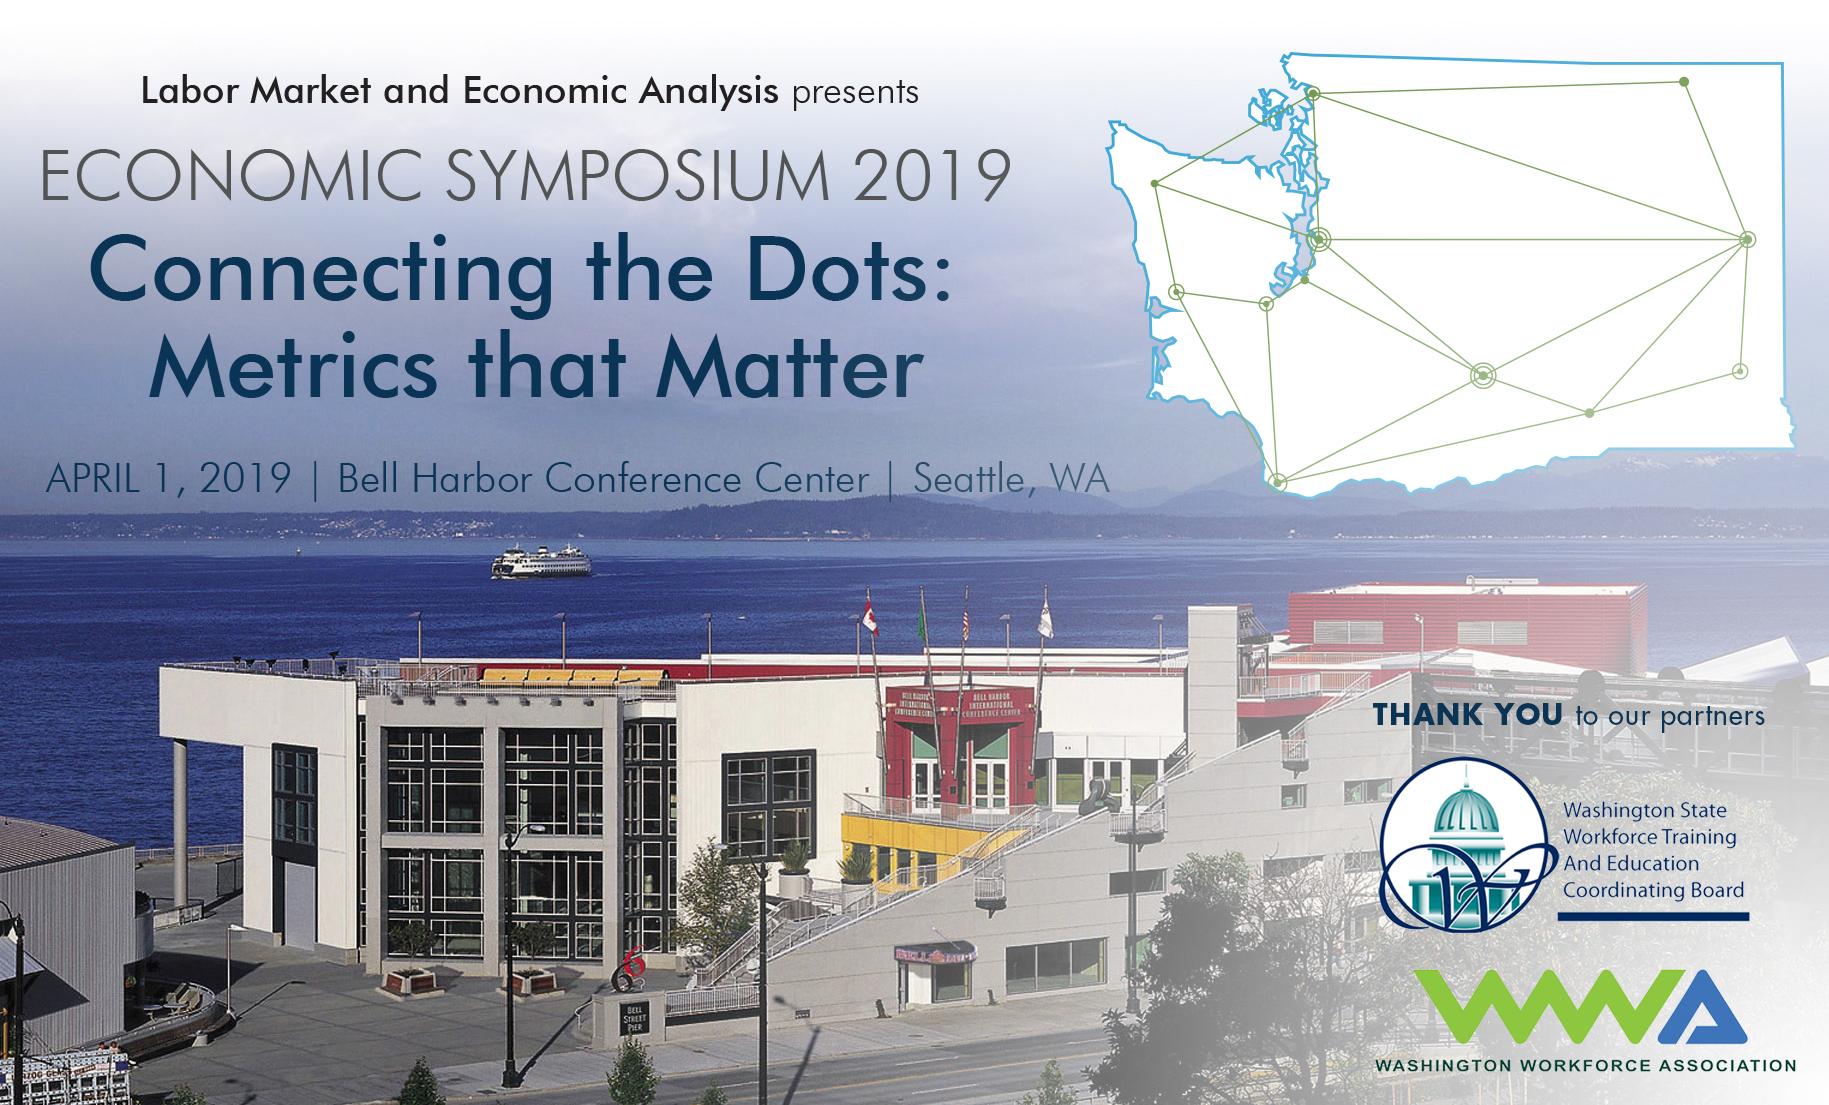 2019 Economic Symposium